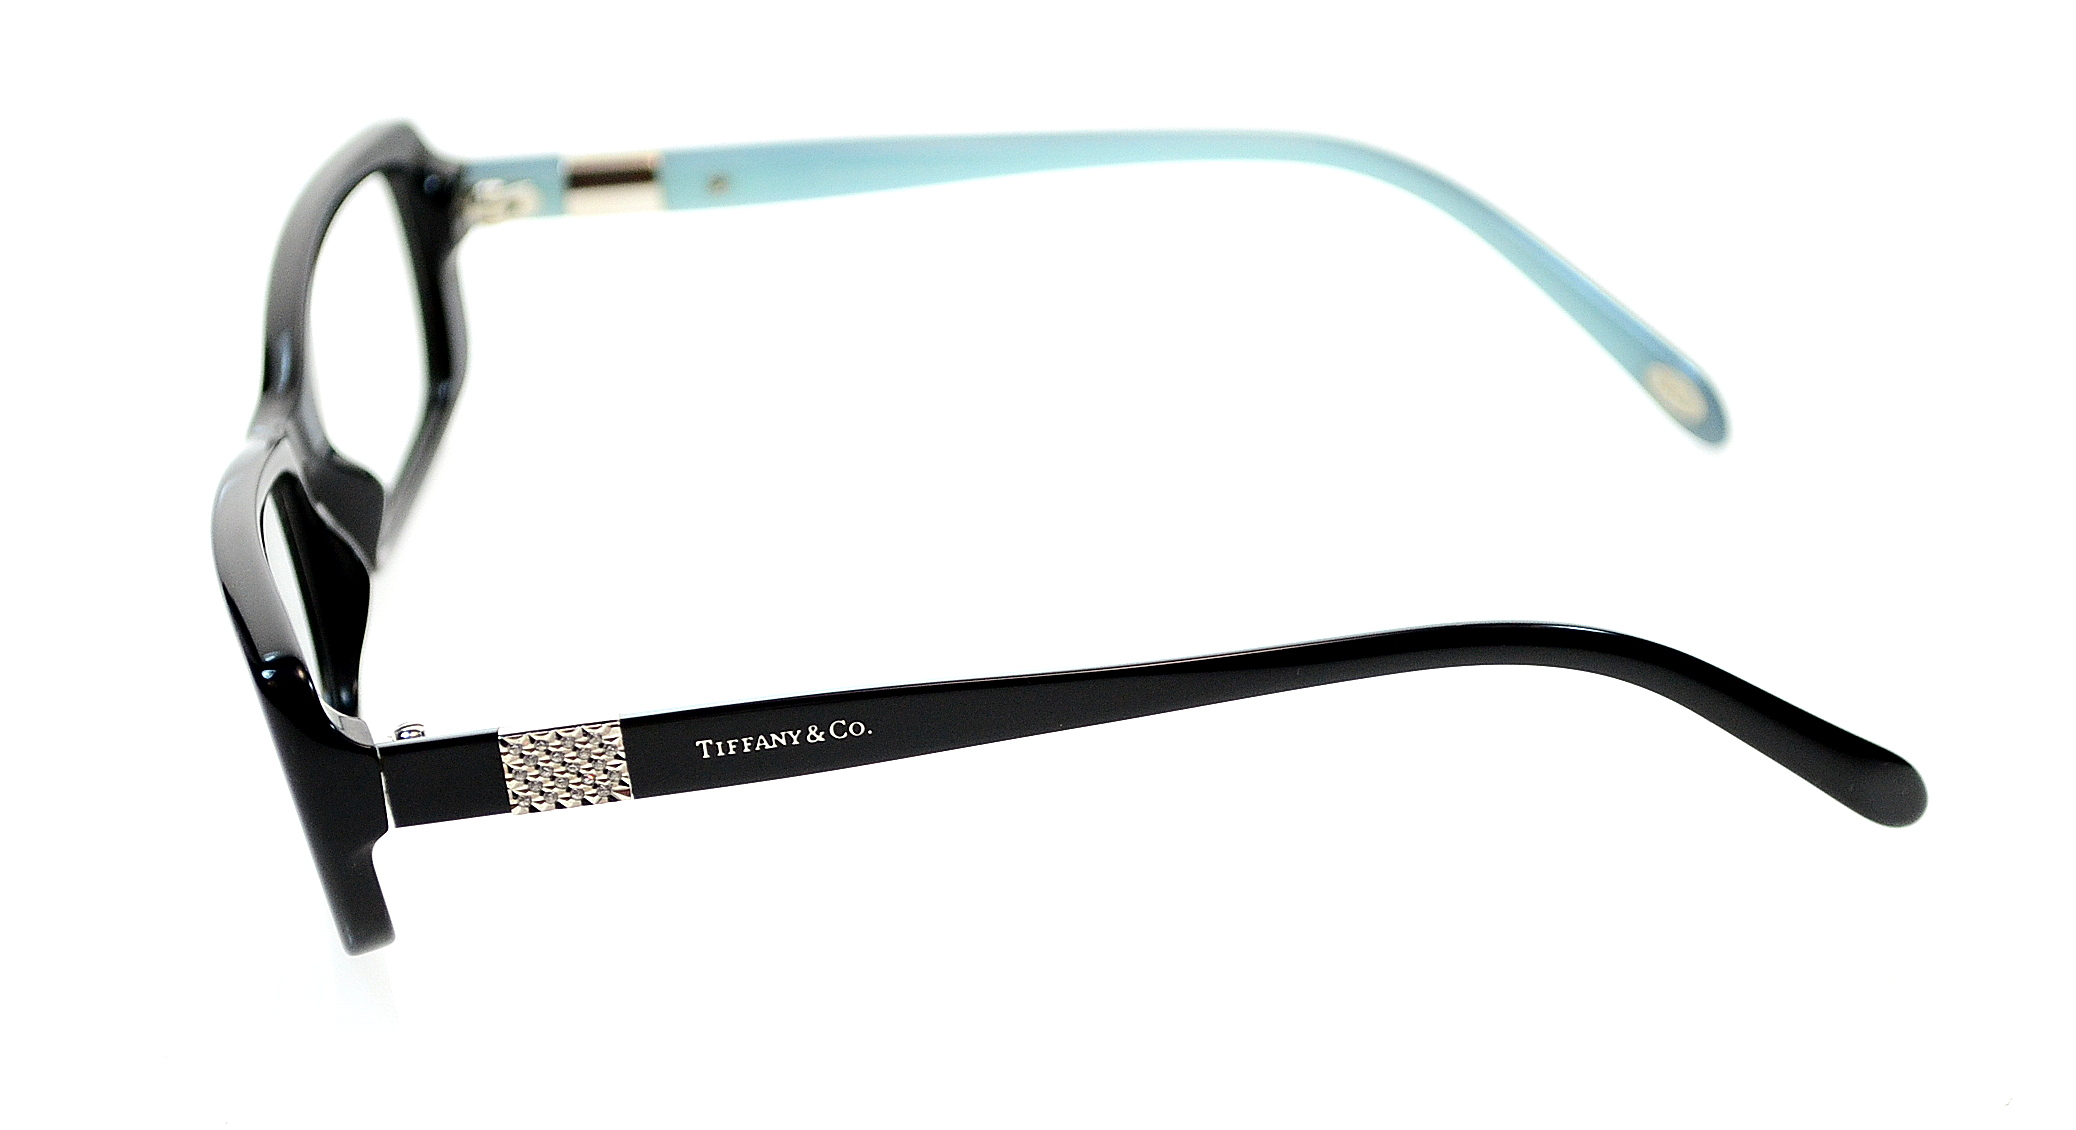 Tiffany glasses frame - Lookup BeforeBuying